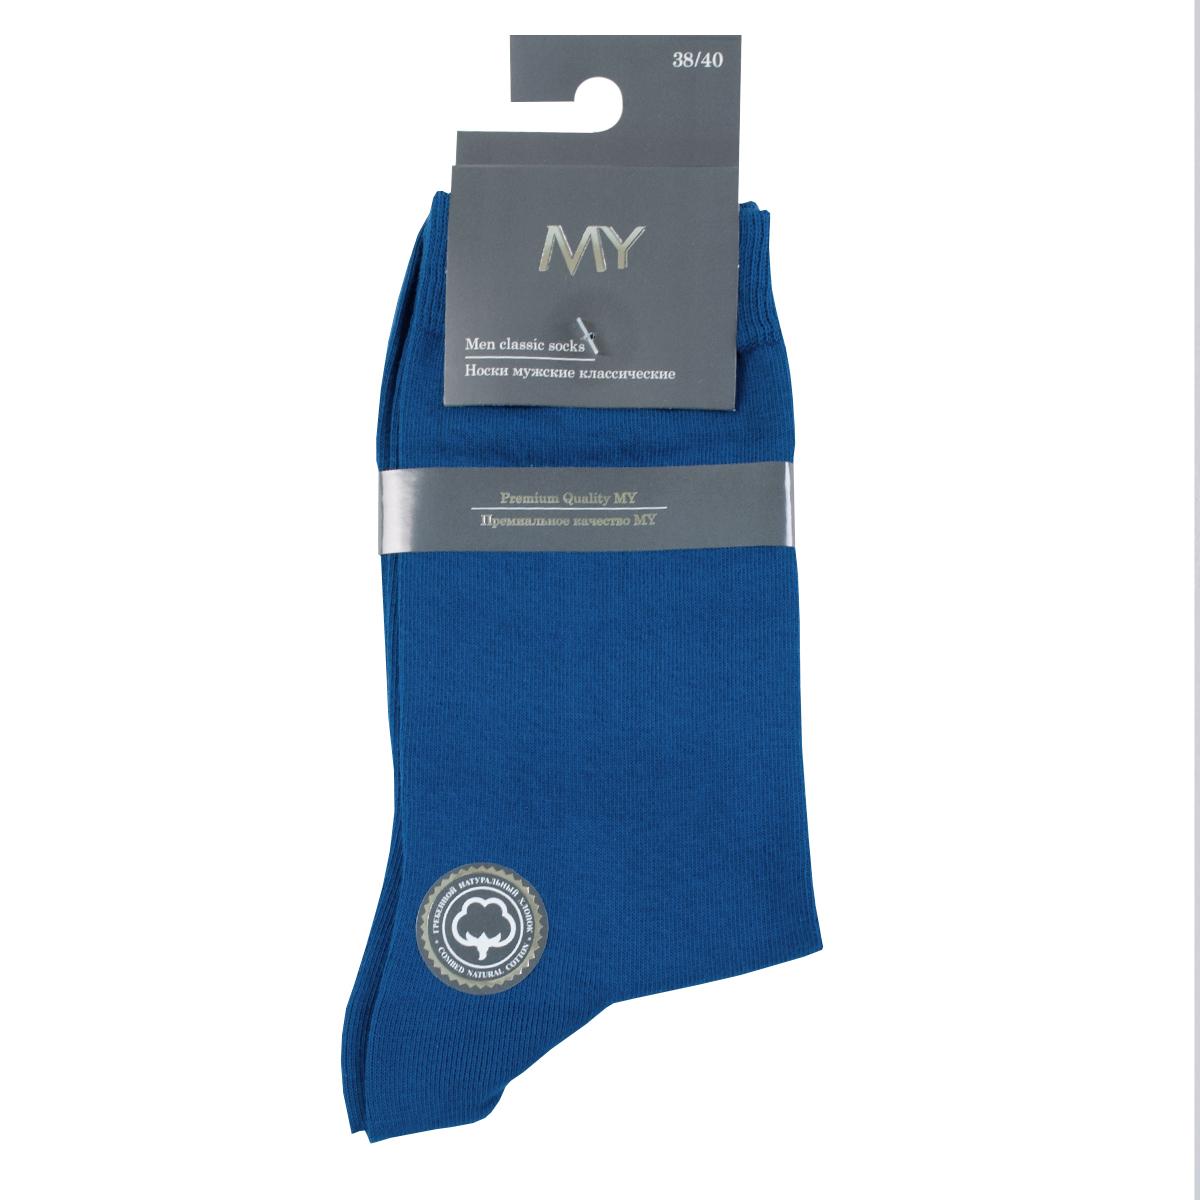 Носки мужские Mirey, цвет: темно-синий. MSC 003. Размер (38/40)MSC 003Классические мужские носки от Mirey выполнены из хлопка с эластаном.Мысок и пятка не усиленные, двойная резинка, плоский шов.